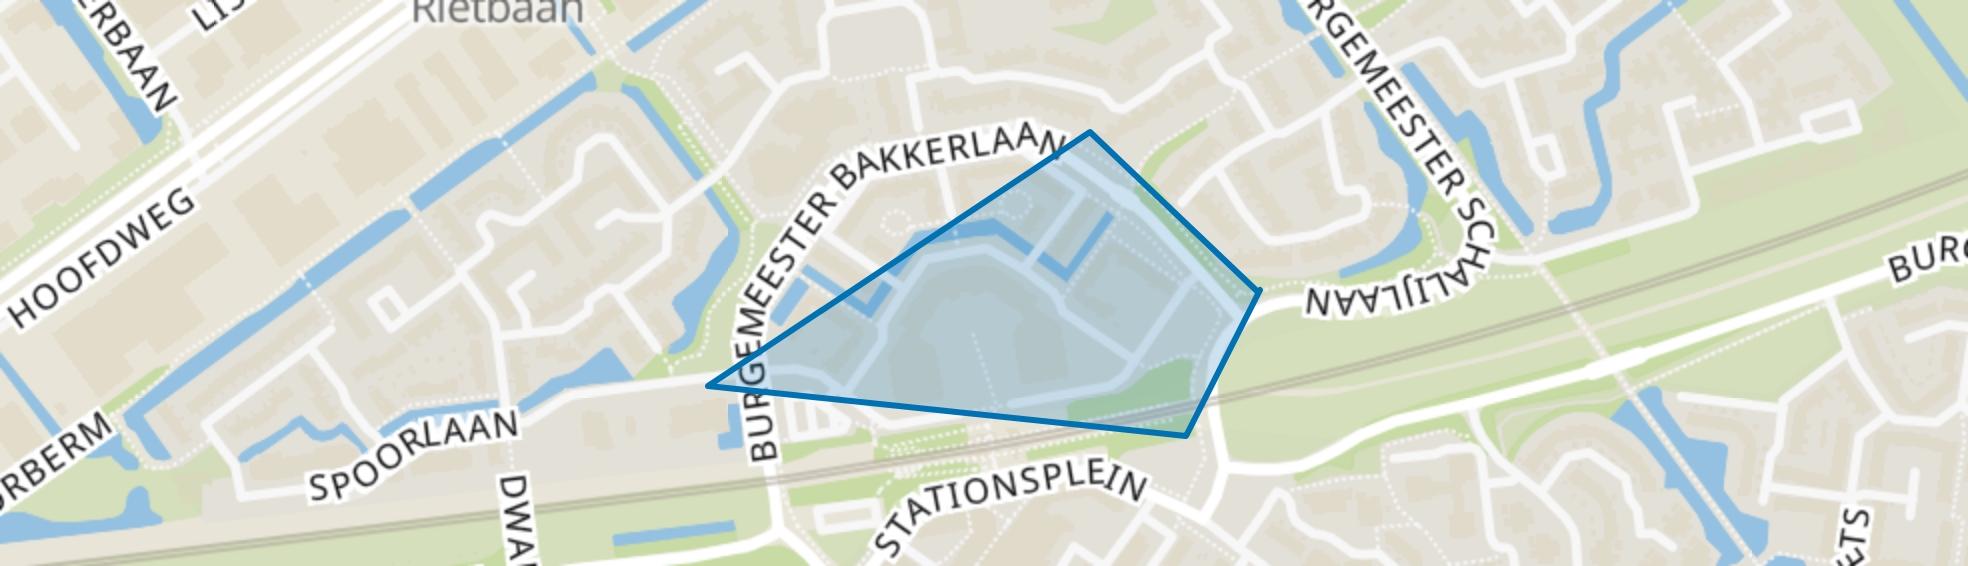 Kunstenaarsbuurt-noord, Capelle aan den IJssel map